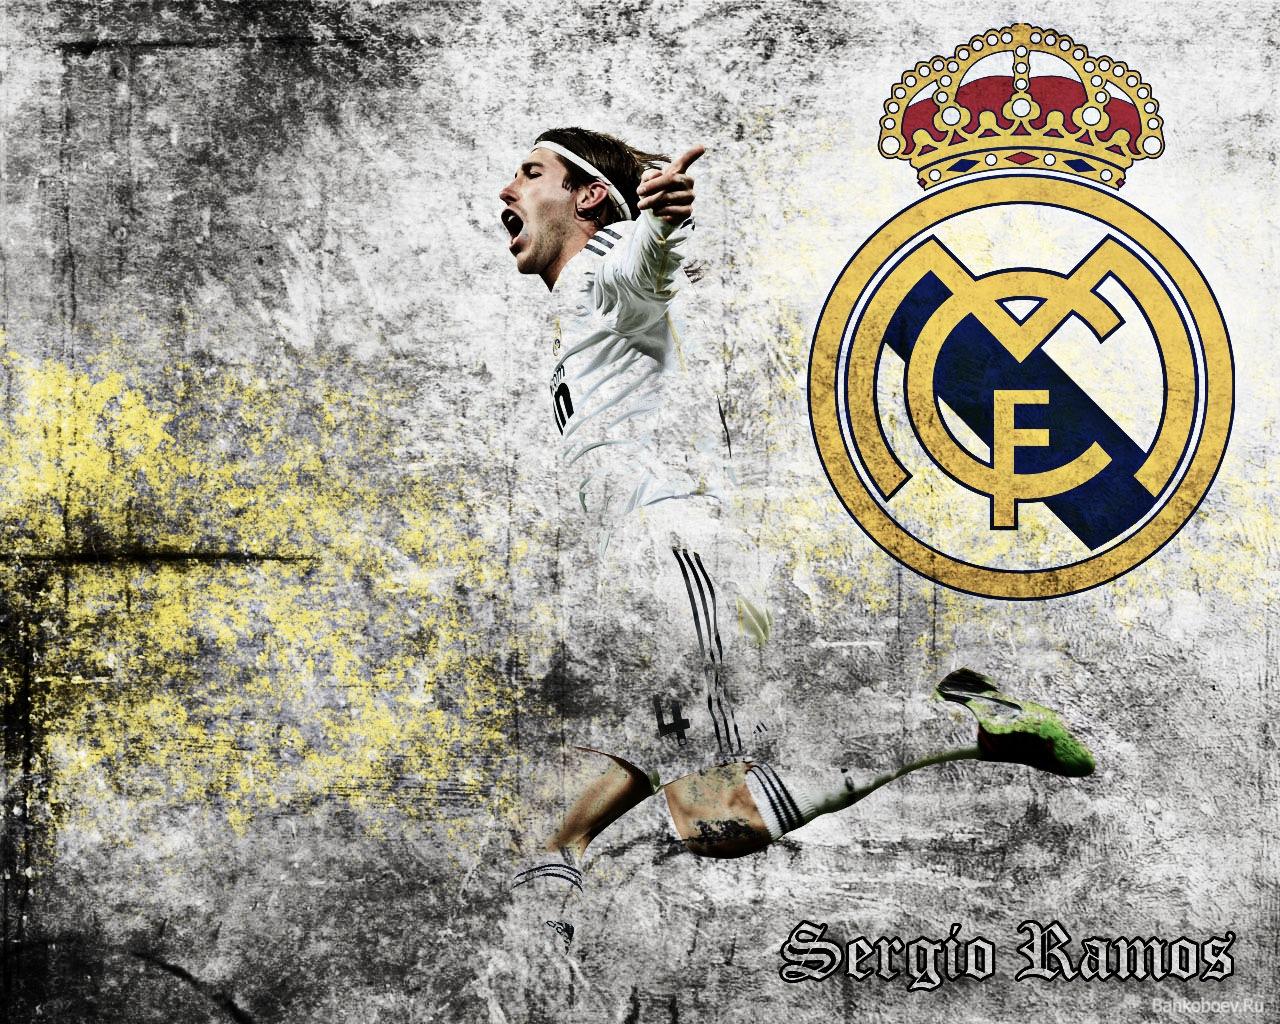 http://1.bp.blogspot.com/-fn-7agdaiCI/UMOHYlP-YnI/AAAAAAAAAXQ/9Mo4g3S31p4/s1600/Sergio_Ramos_Wallpaper_4.jpg